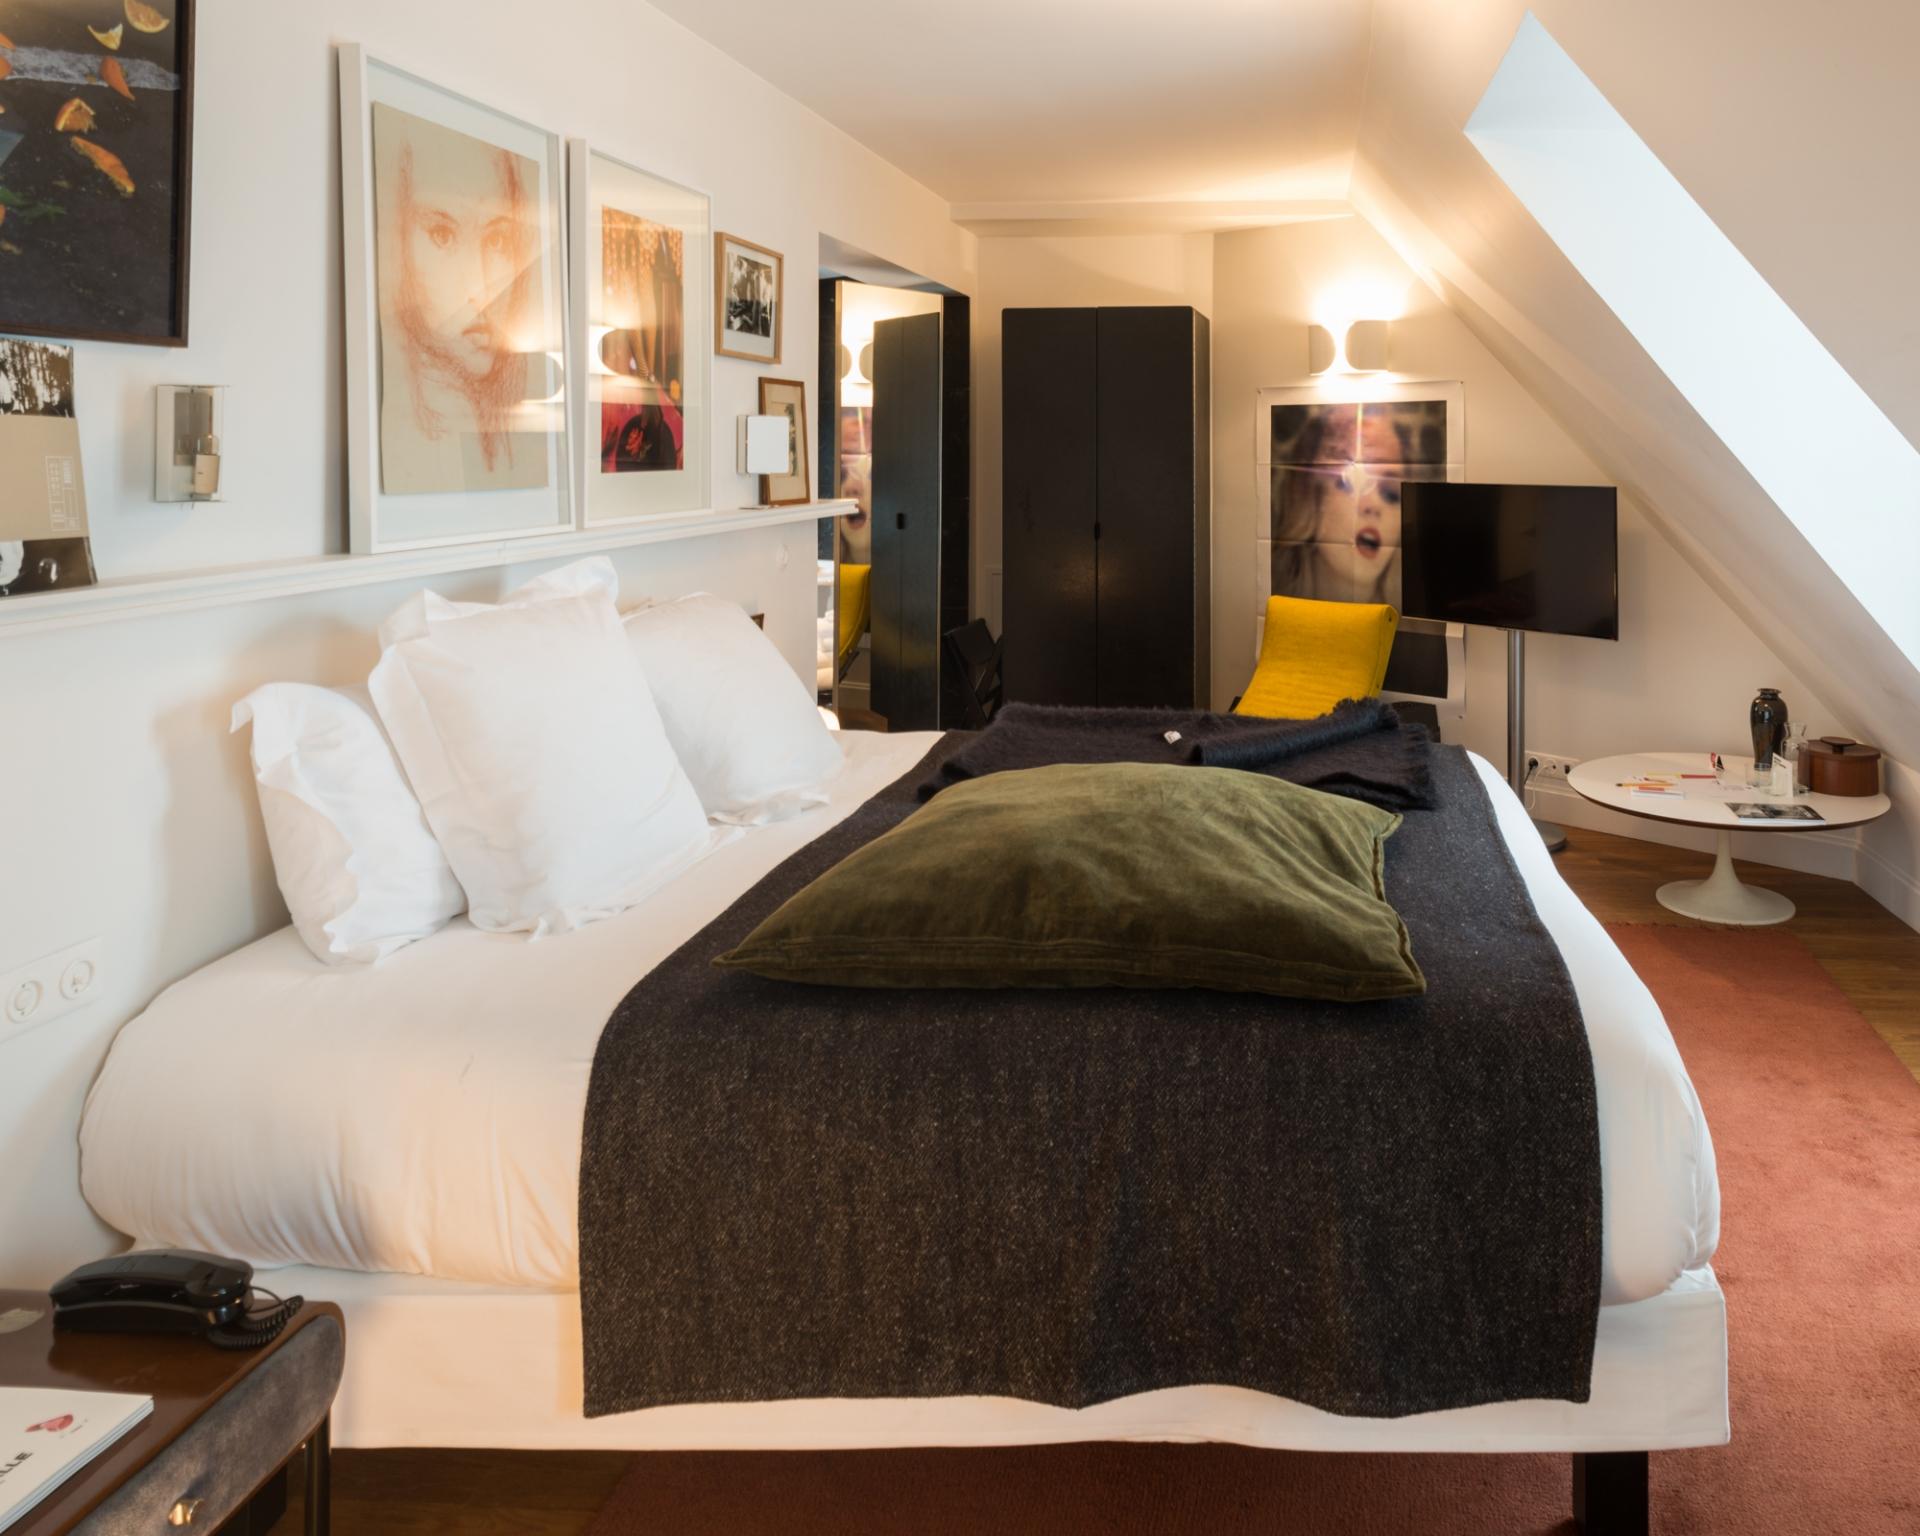 fran ois cavelier monocle le pigalle hotel paris fran ois cavelier. Black Bedroom Furniture Sets. Home Design Ideas